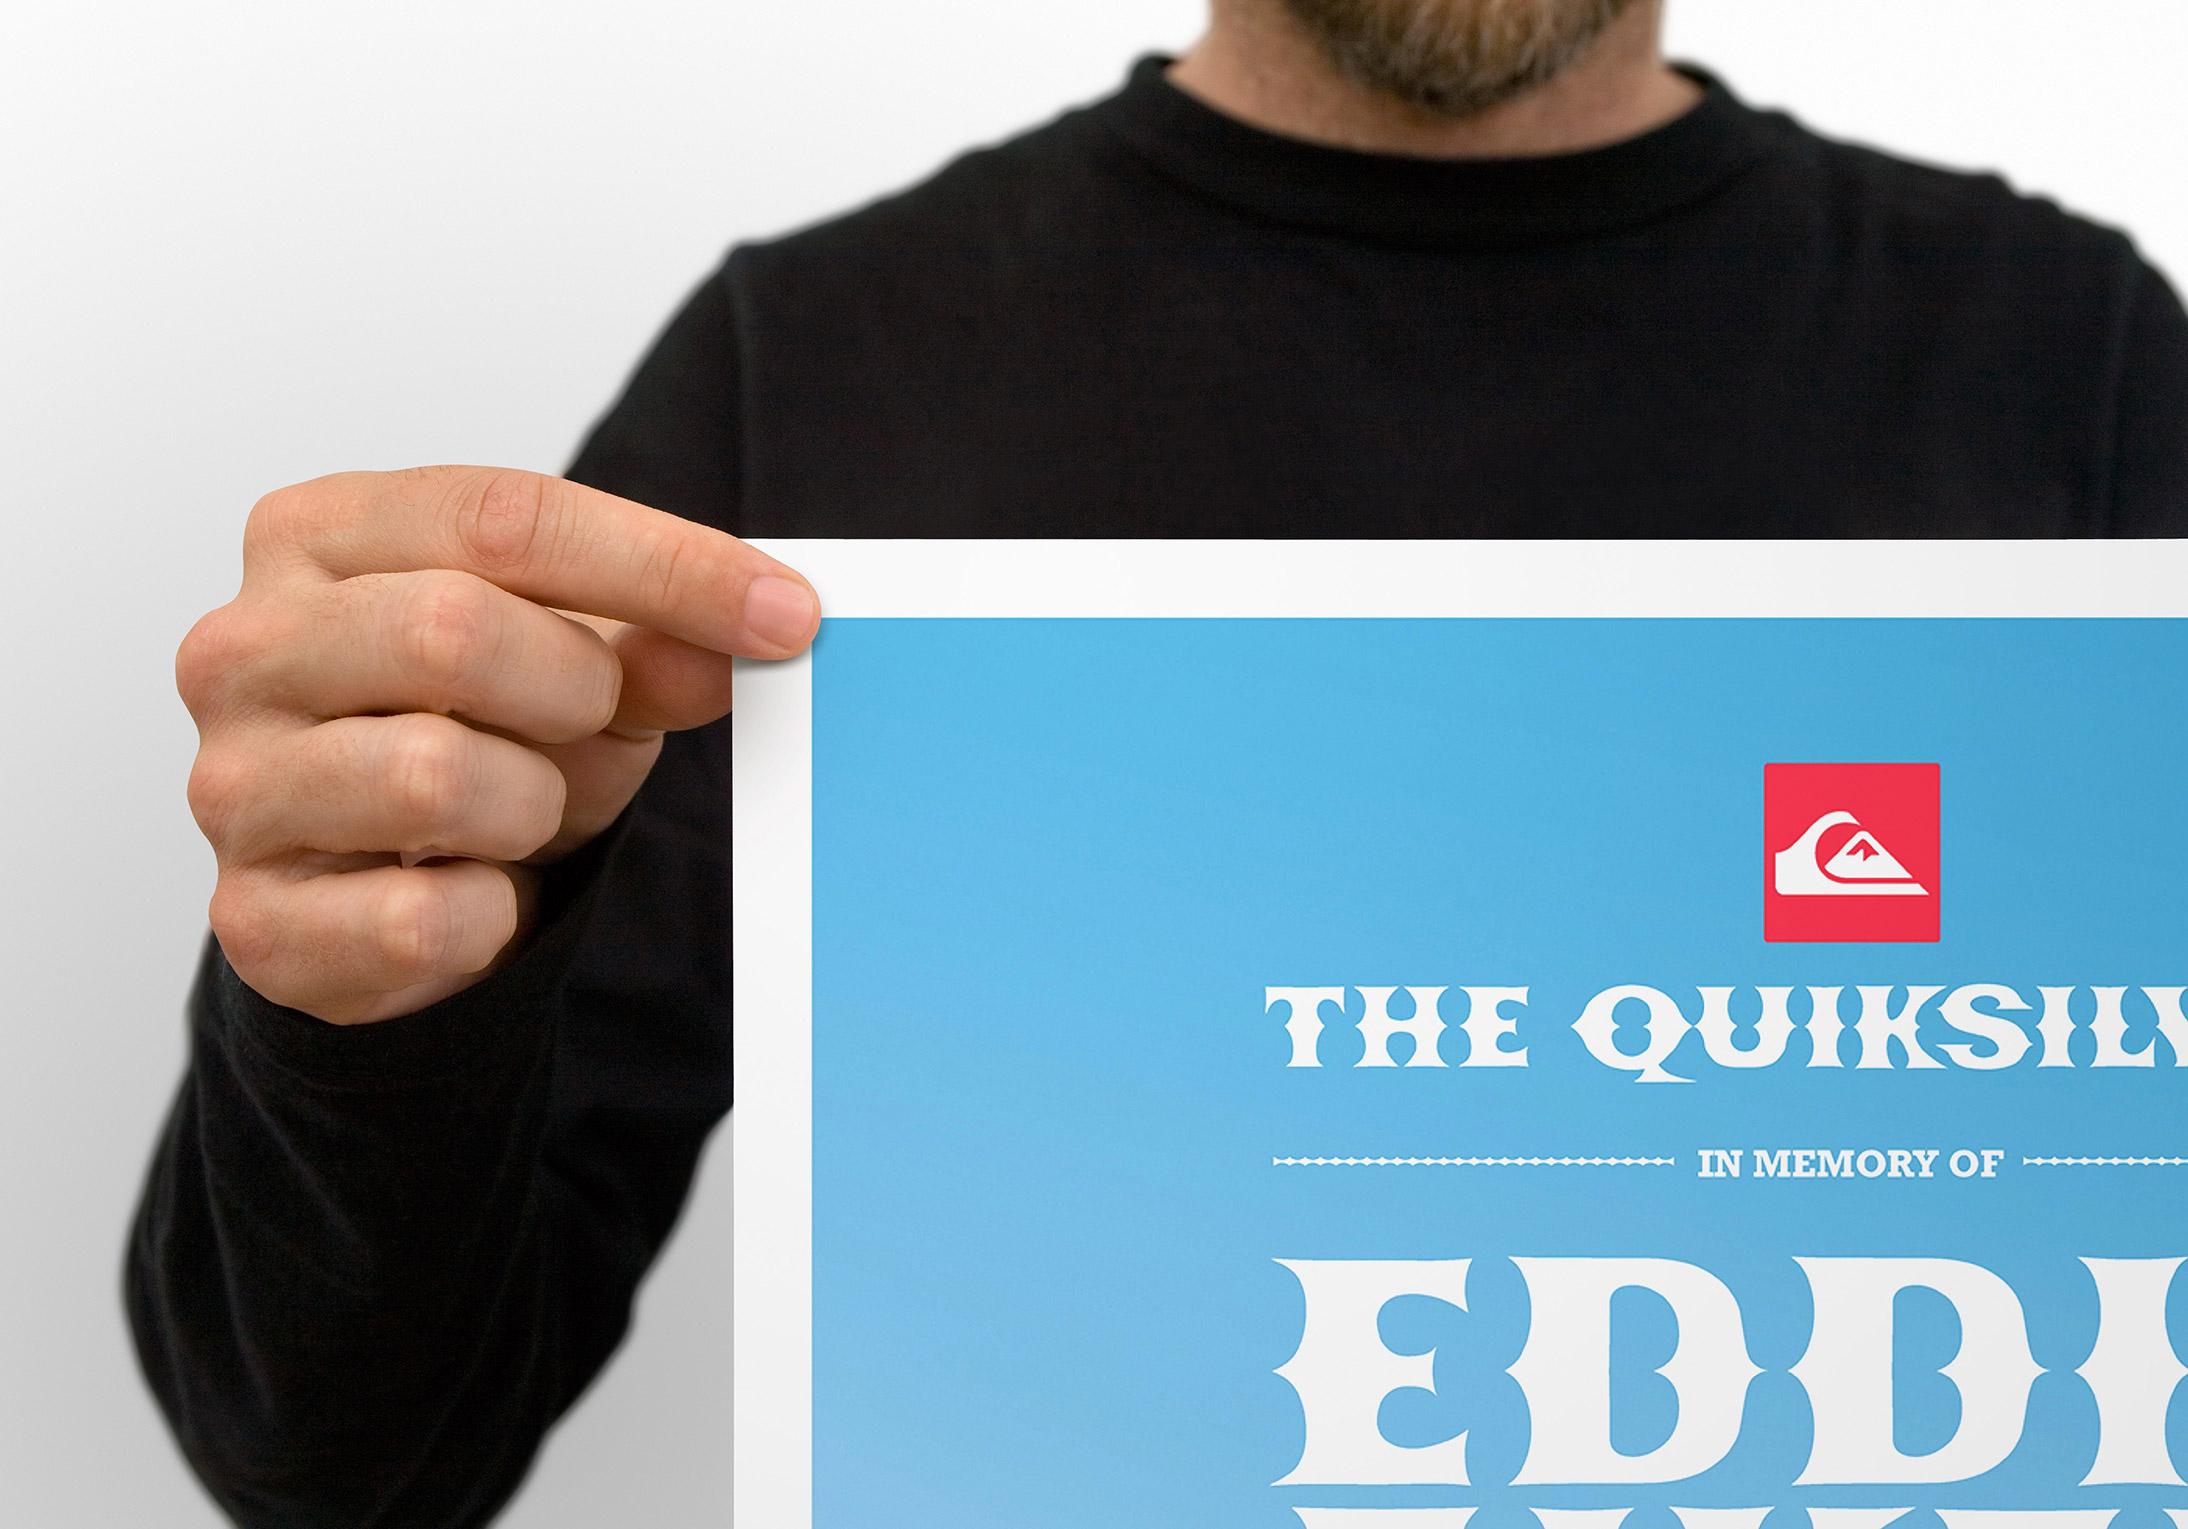 QS_EDDIE_A_poster_corner